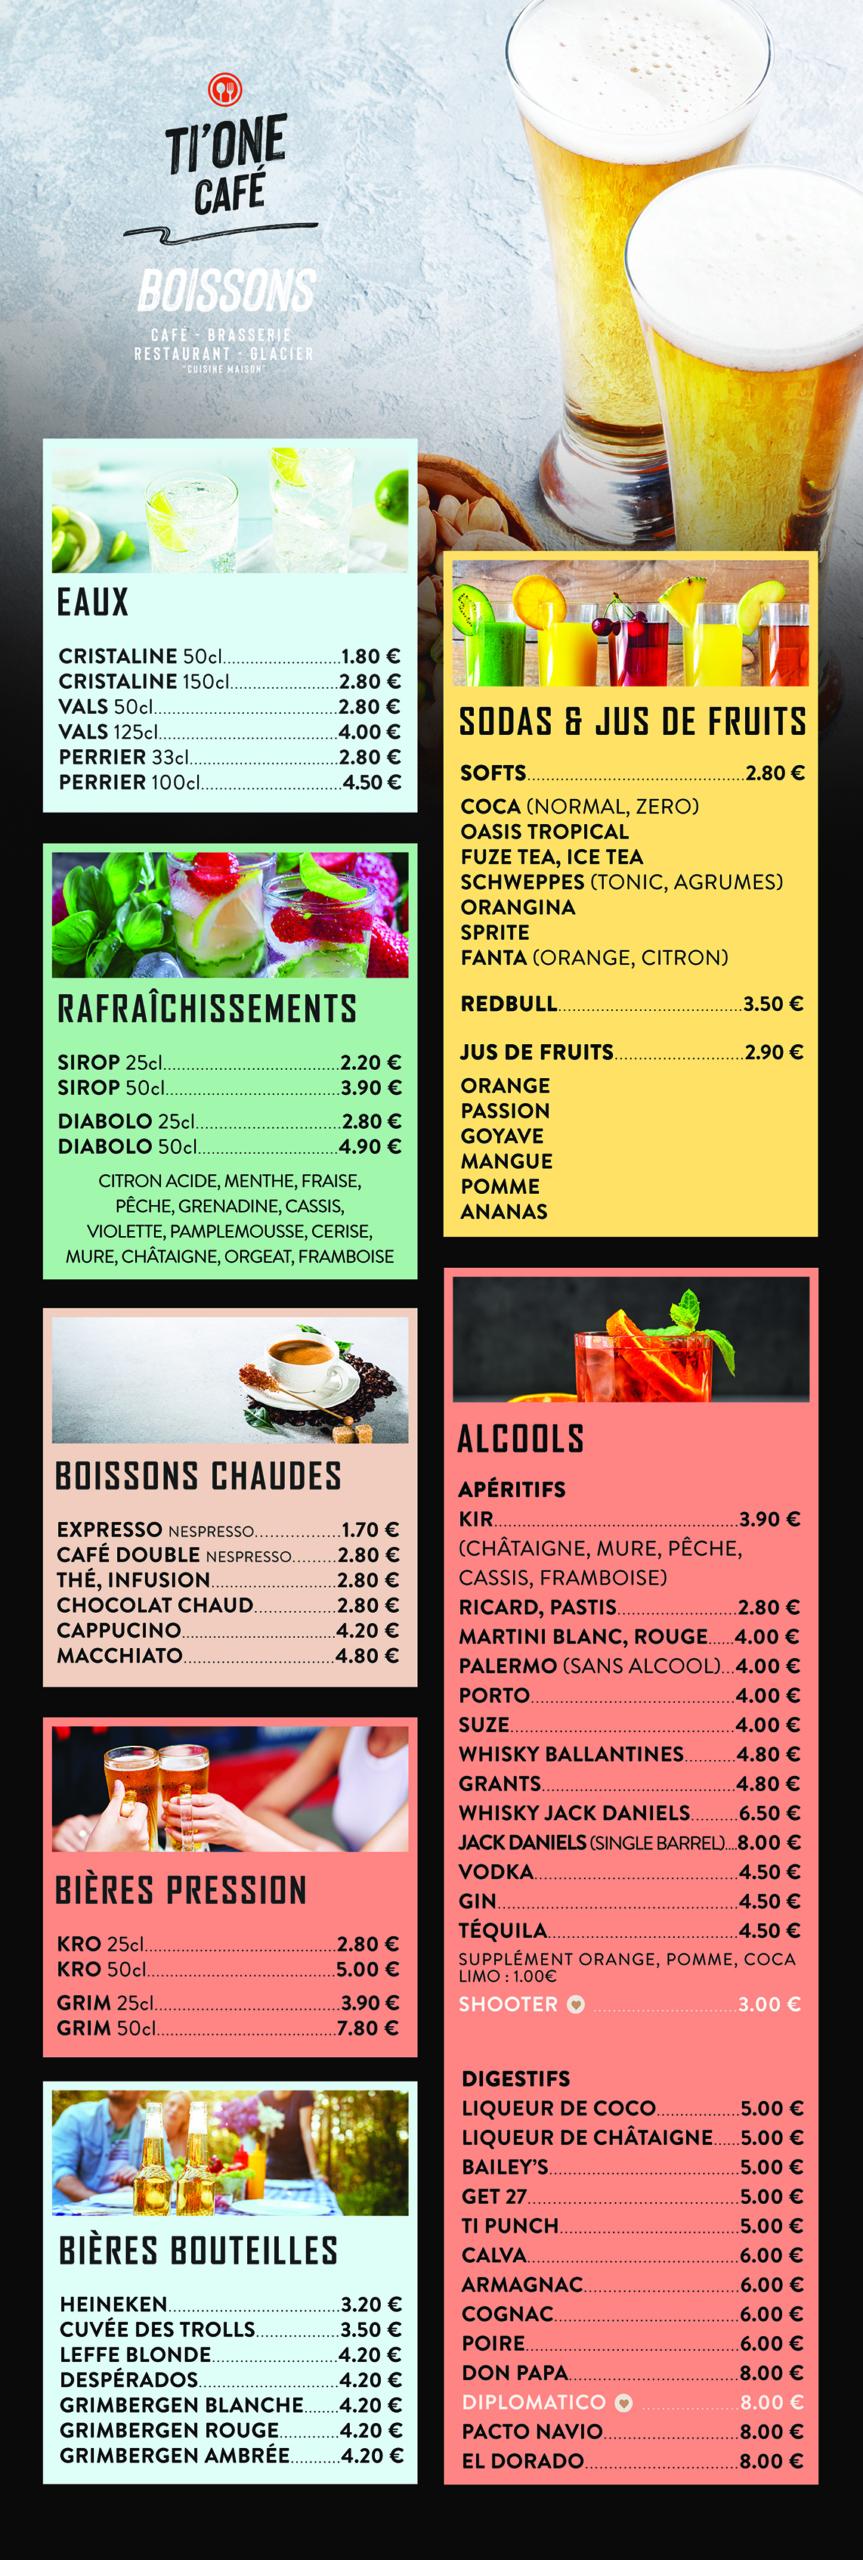 Création carte bar menu restaurant ti one cafe